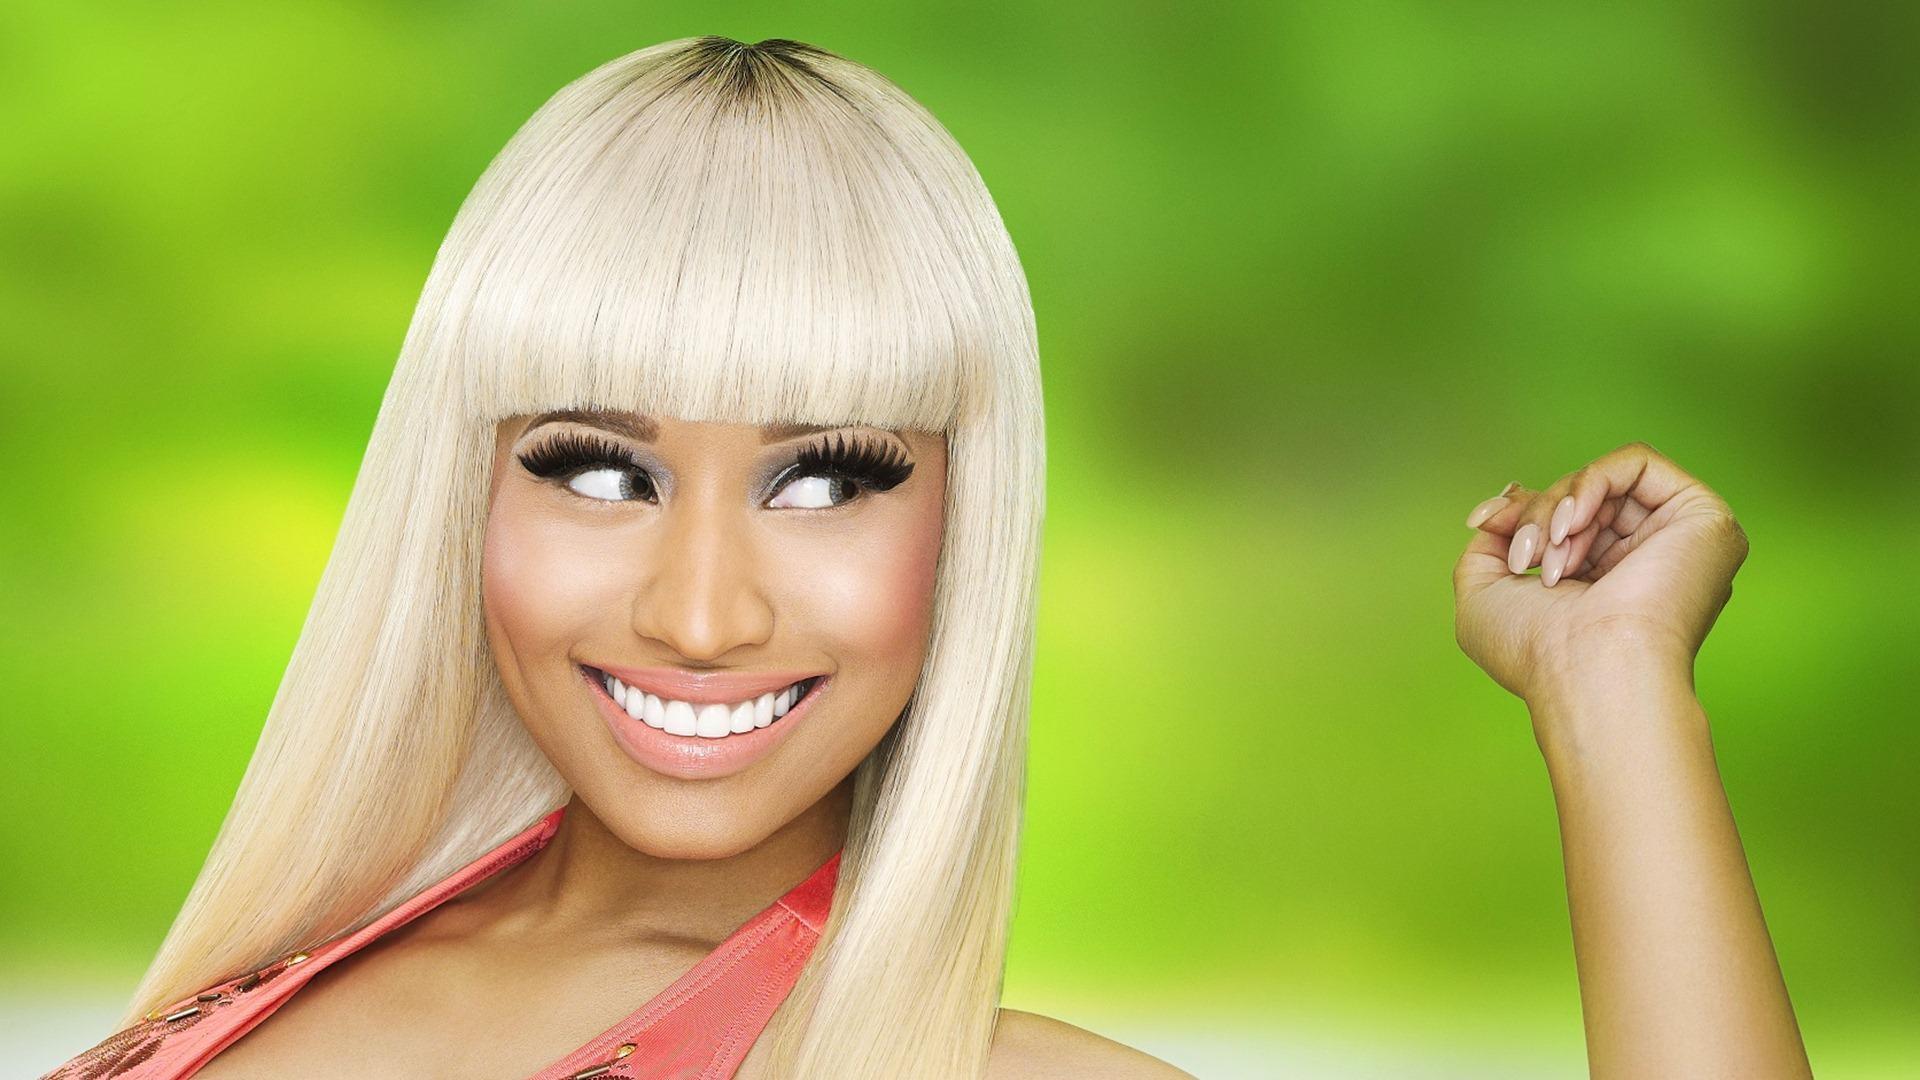 Nicki Minaj Wallpaper (72+ images)